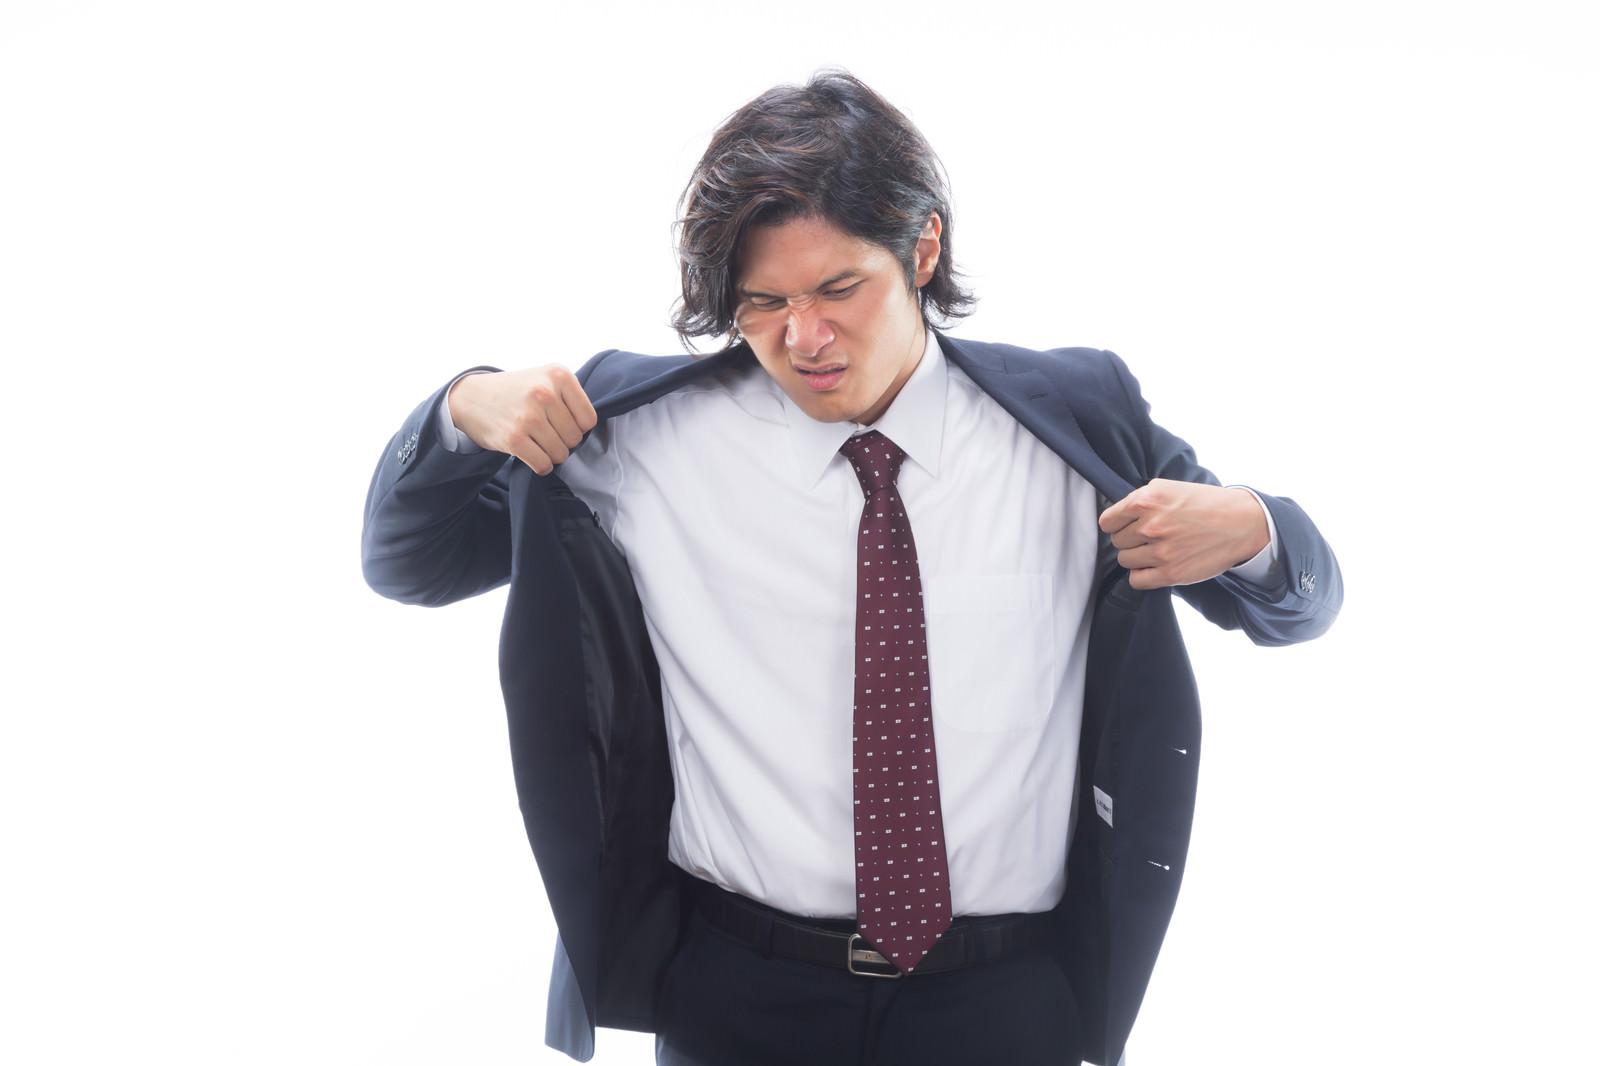 「汗をかいて上着を脱ぐサラリーマン」の写真[モデル:竹田匡宏]